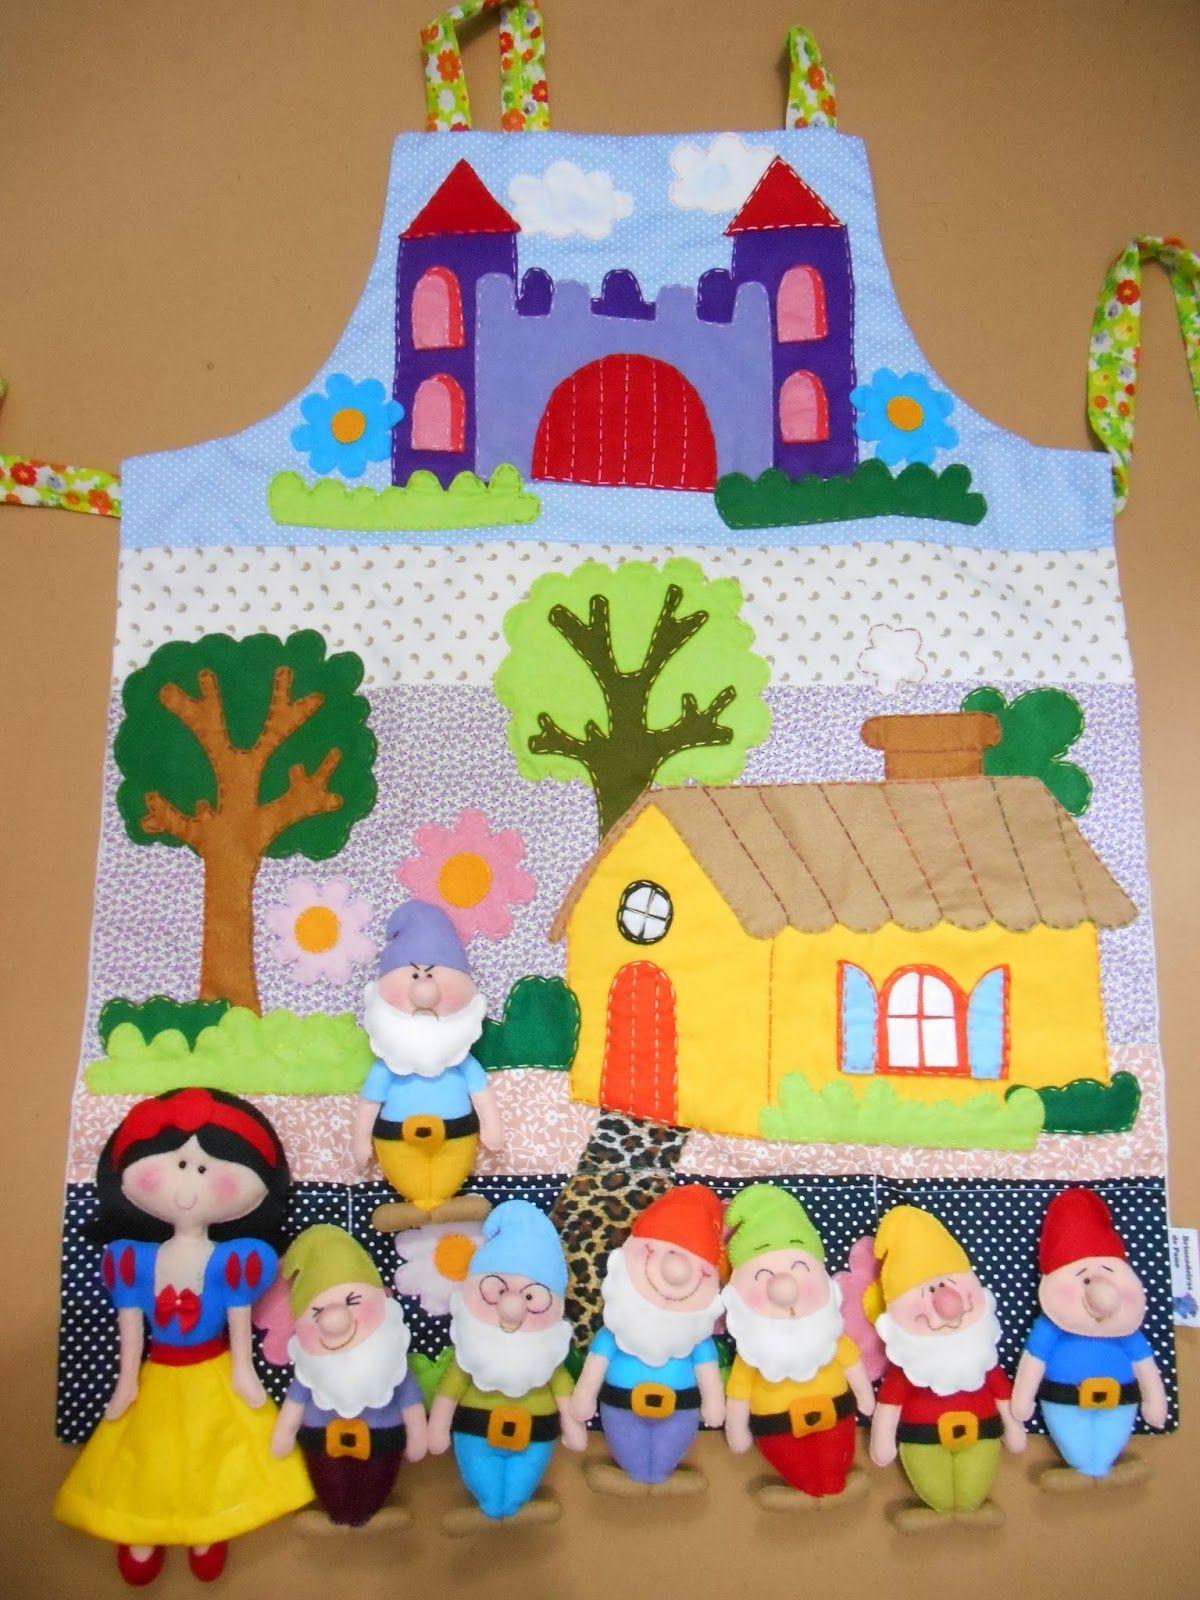 Avental Para Contar Historias Kids Crafts Trabalhos Manuais